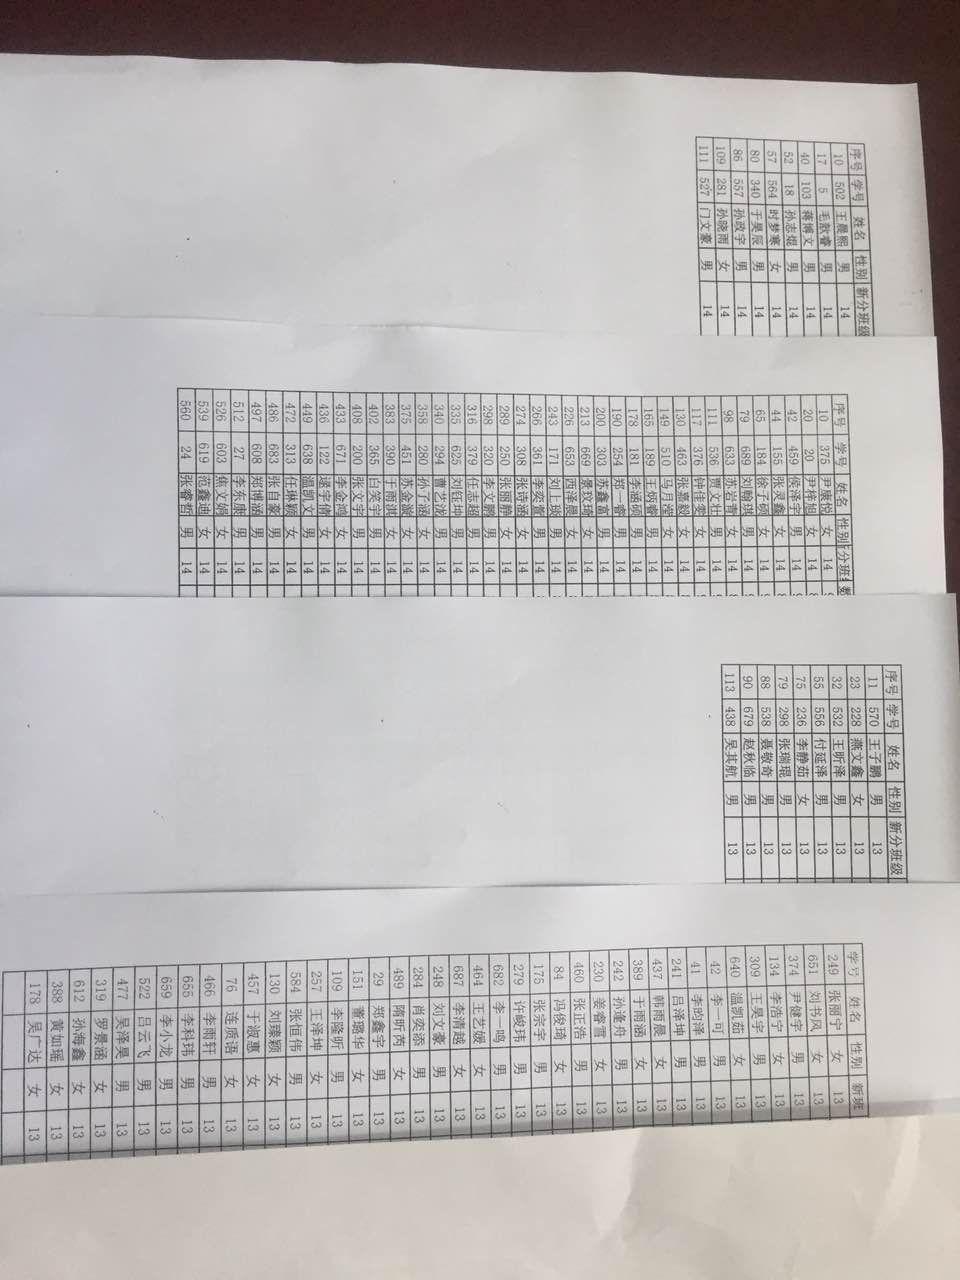 广饶实验中学六年级分班表